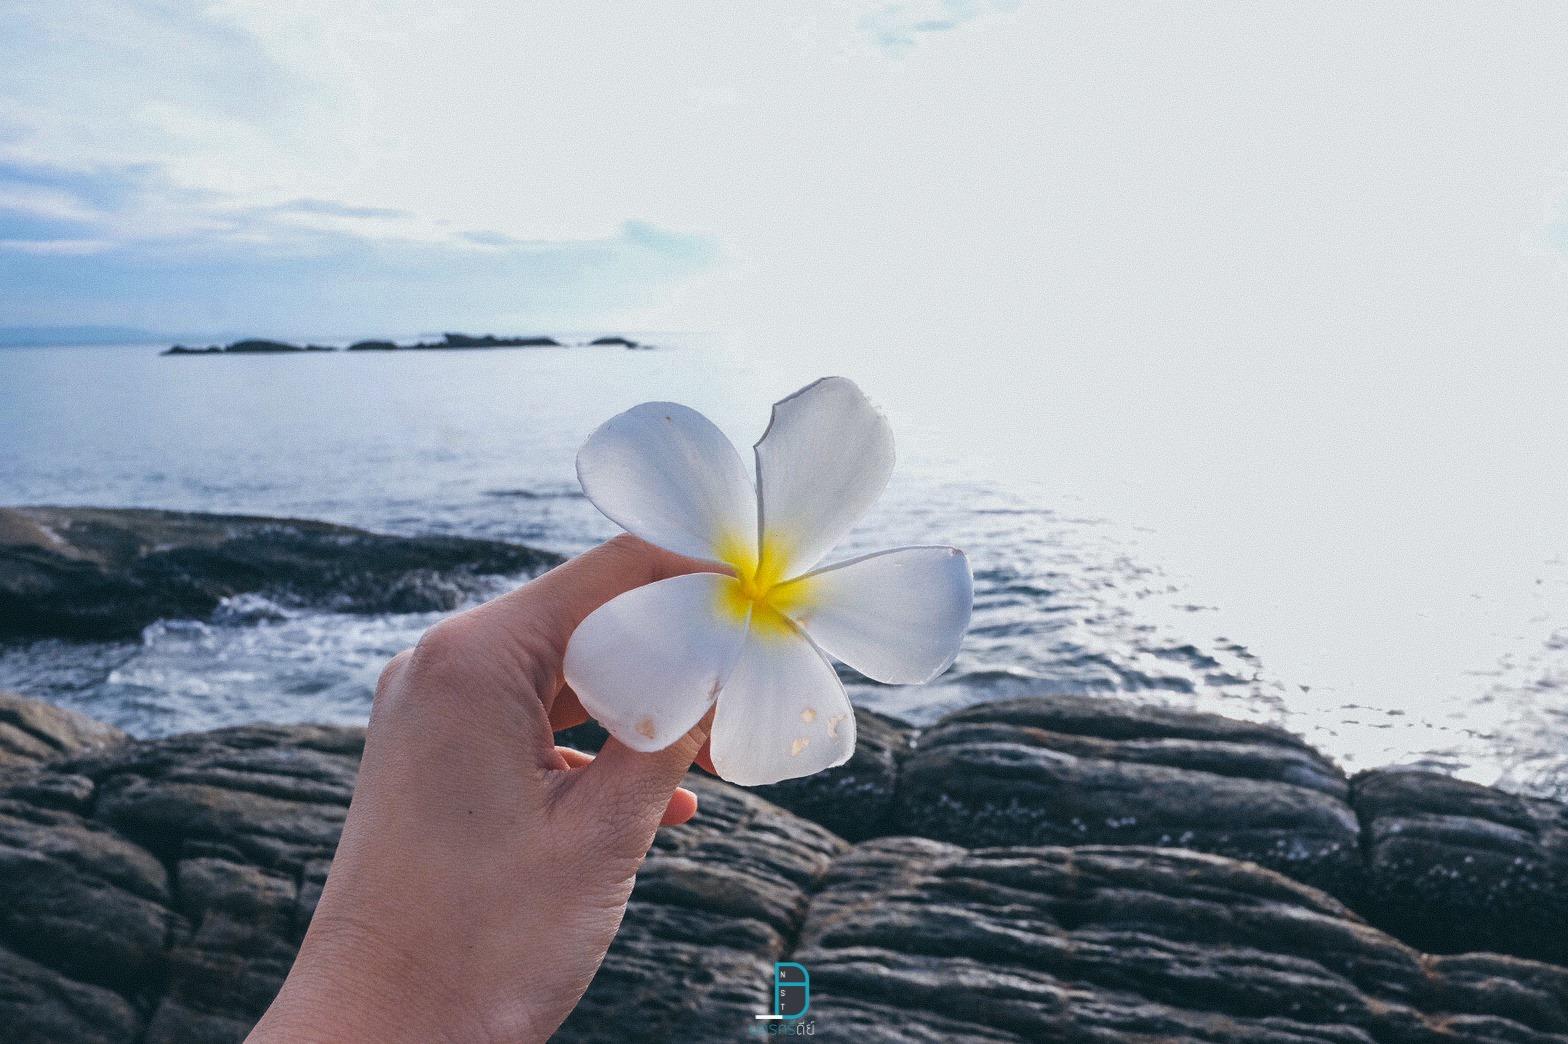 ปิดท้ายด้วยรูป-ดอกไม้สีขาววิวทะเล-เข้ากันและได้ฟิลจริงๆครับ  ที่พัก,สิชล,เขาพลายดำ,นครศรี,วิวทะเล,มินิมอล,ยุโรป,วิวหลักล้าน